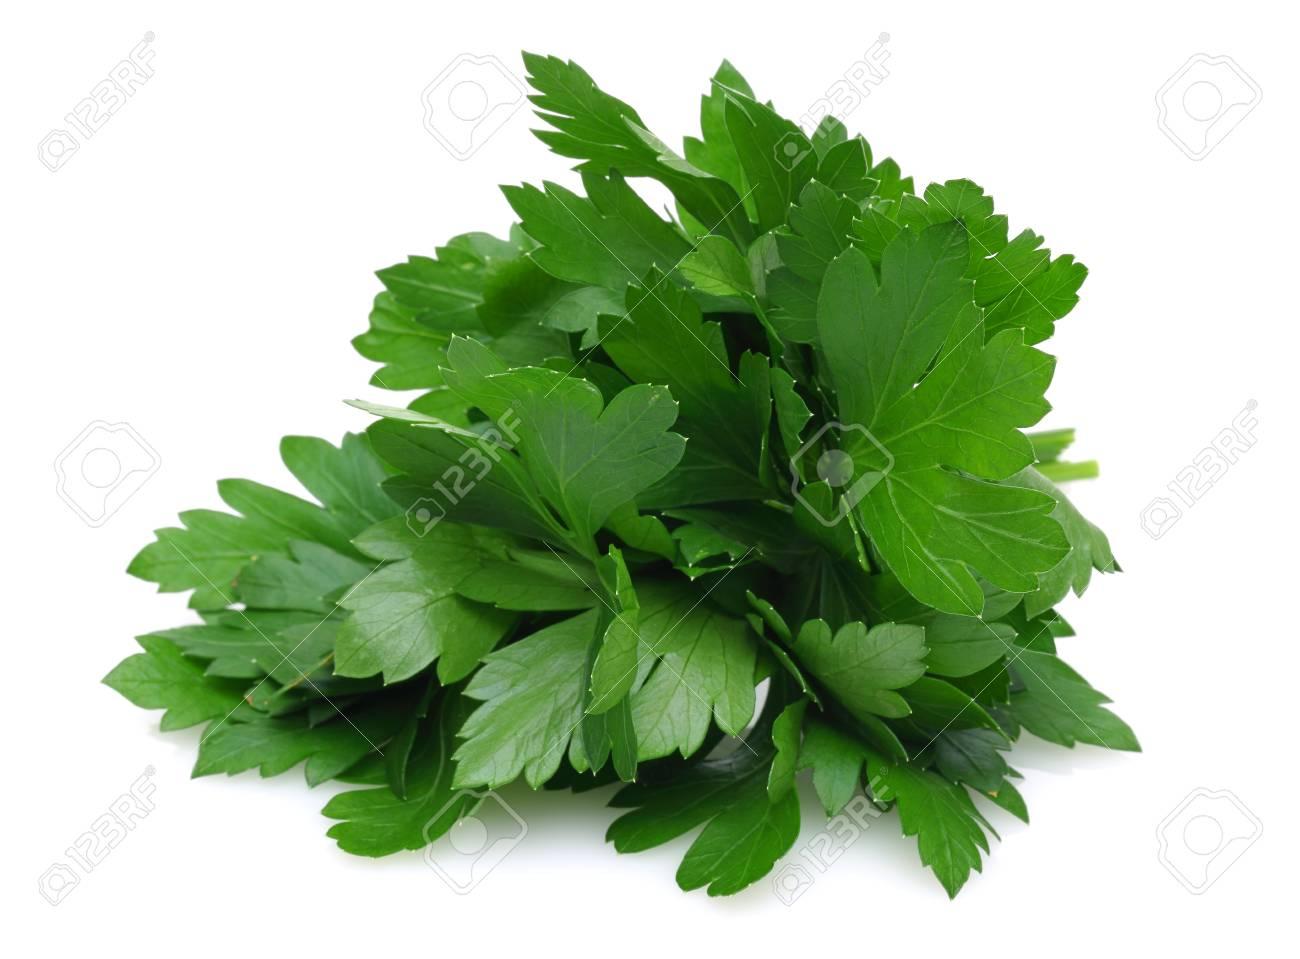 Fresh parsley isolated on white background - 115718360